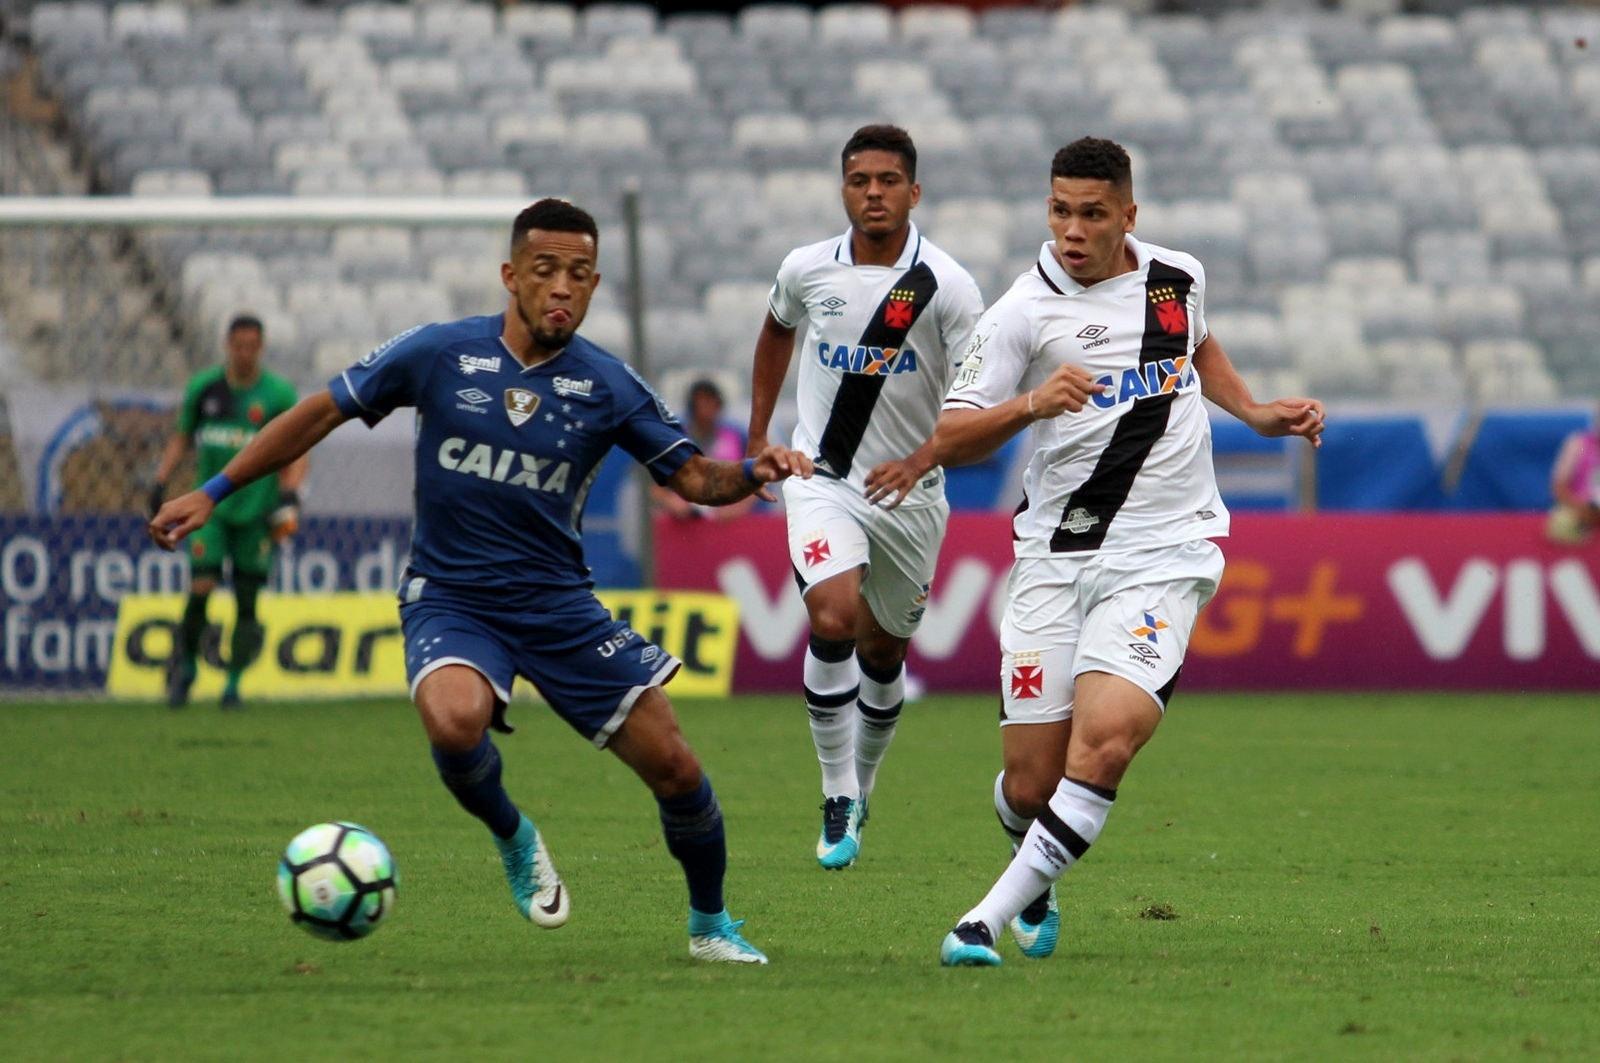 Lance da partida entre Vasco e Cruzeiro, pelo Brasileirão